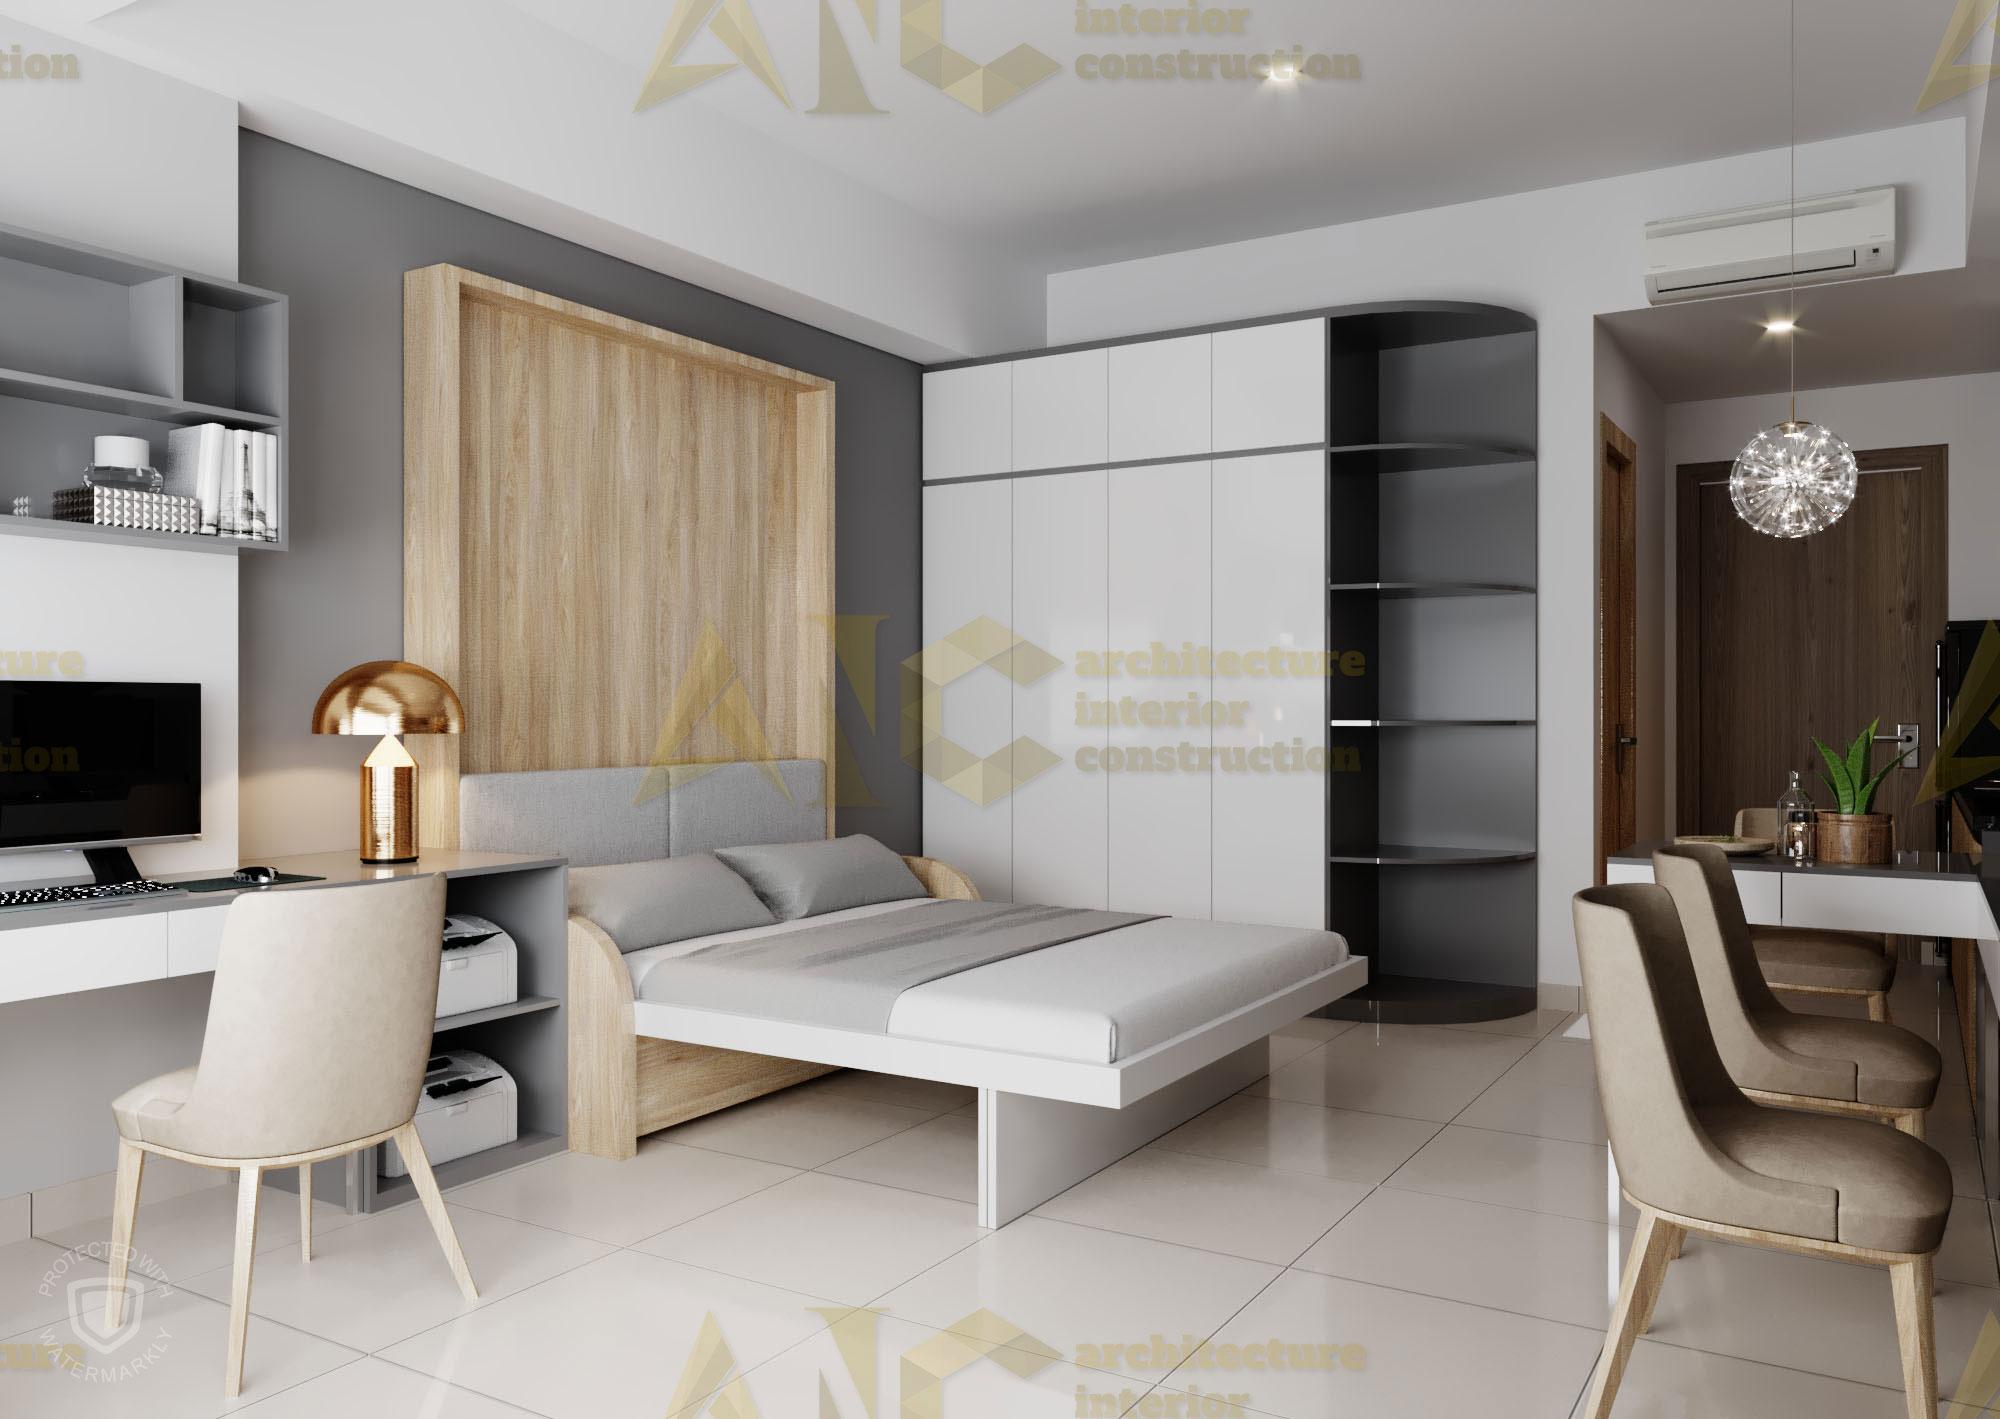 Thiết kế & thi công nội thất căn hộ chú Thắng- view 1